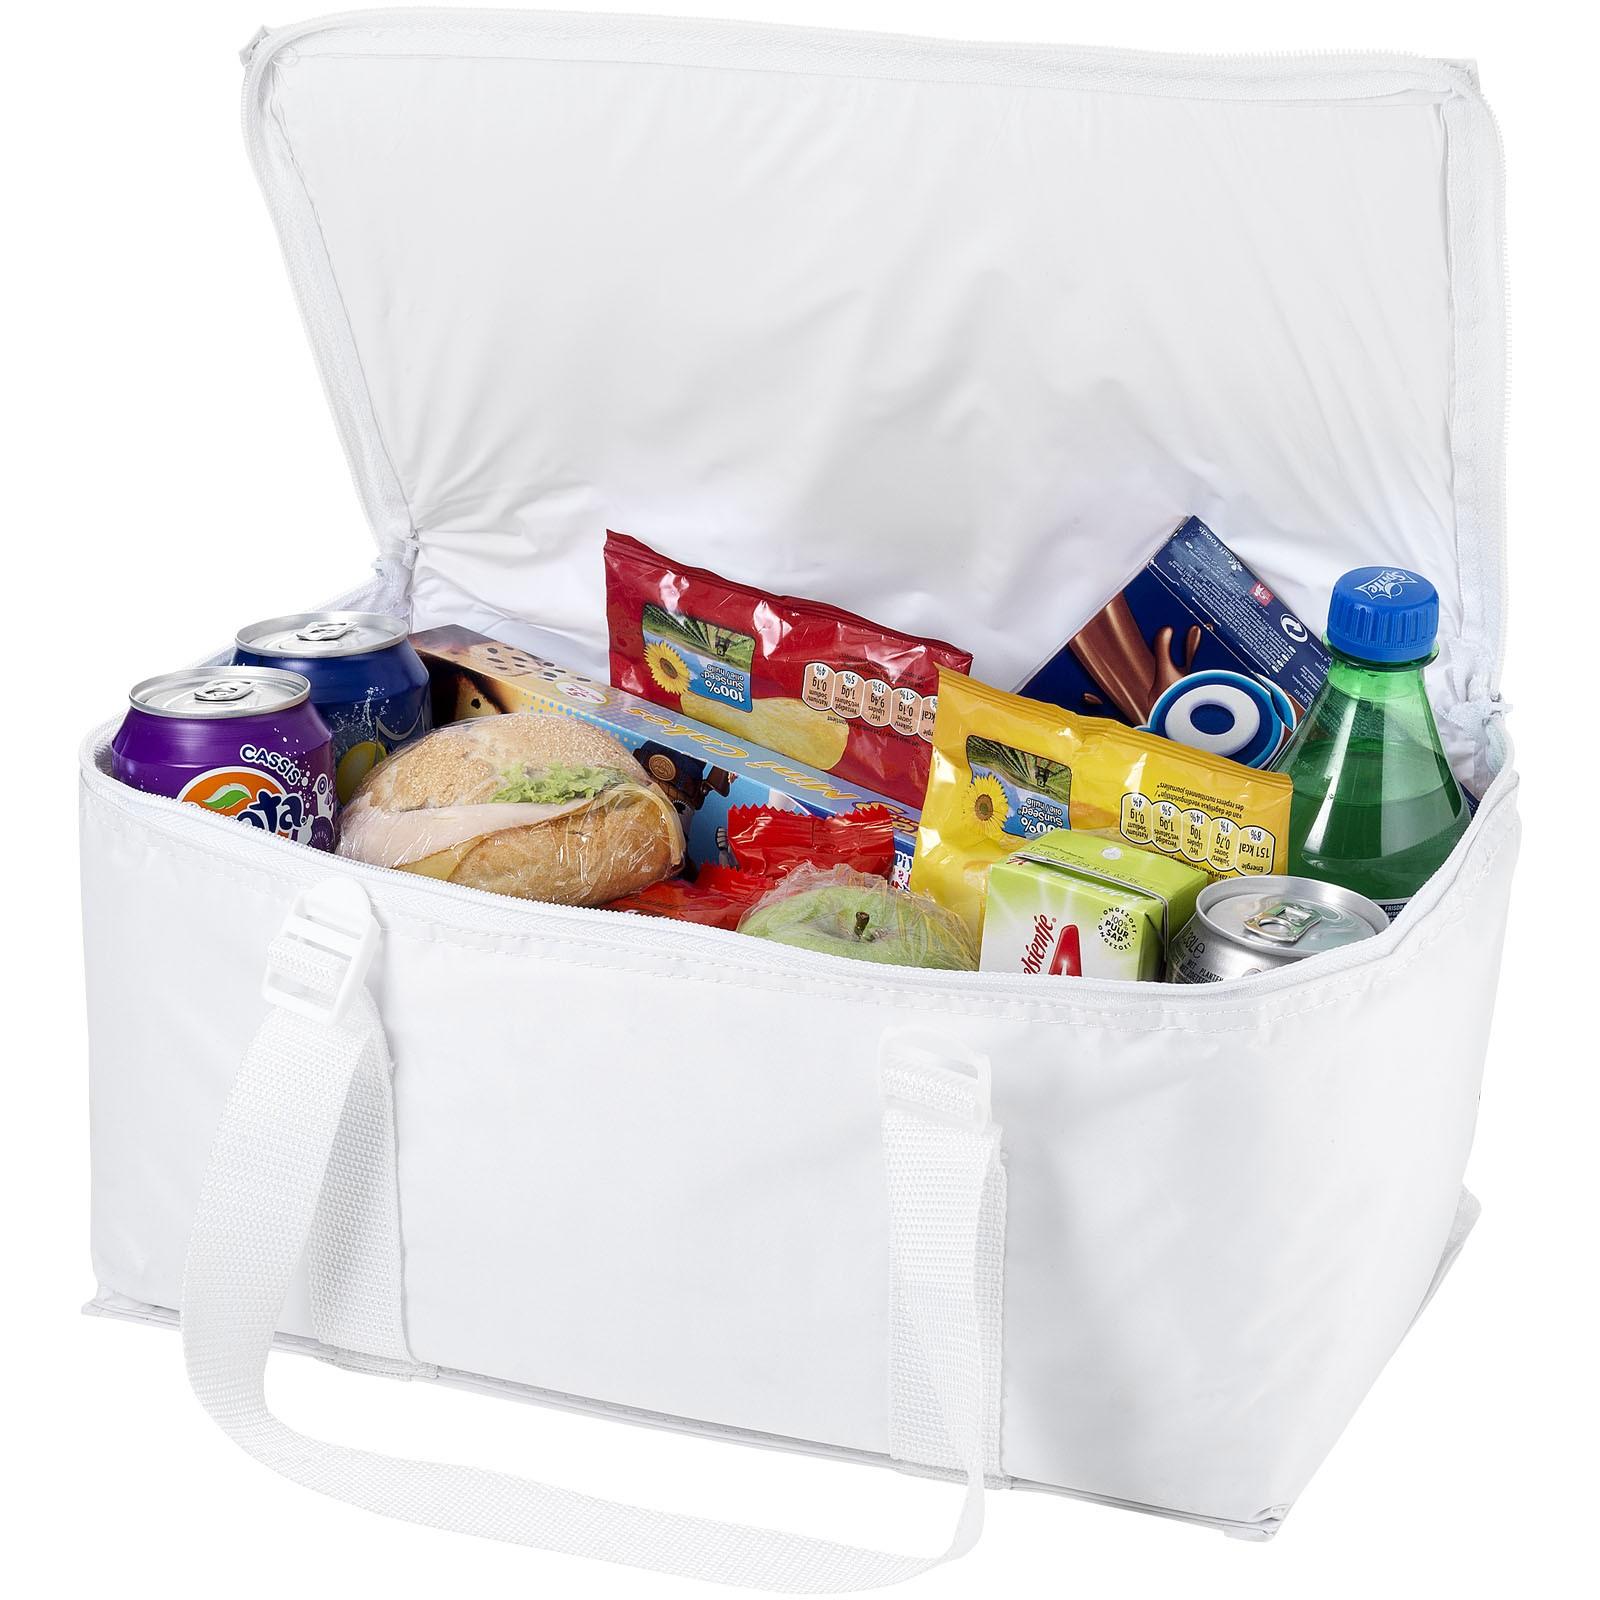 Larvik cooler bag - White